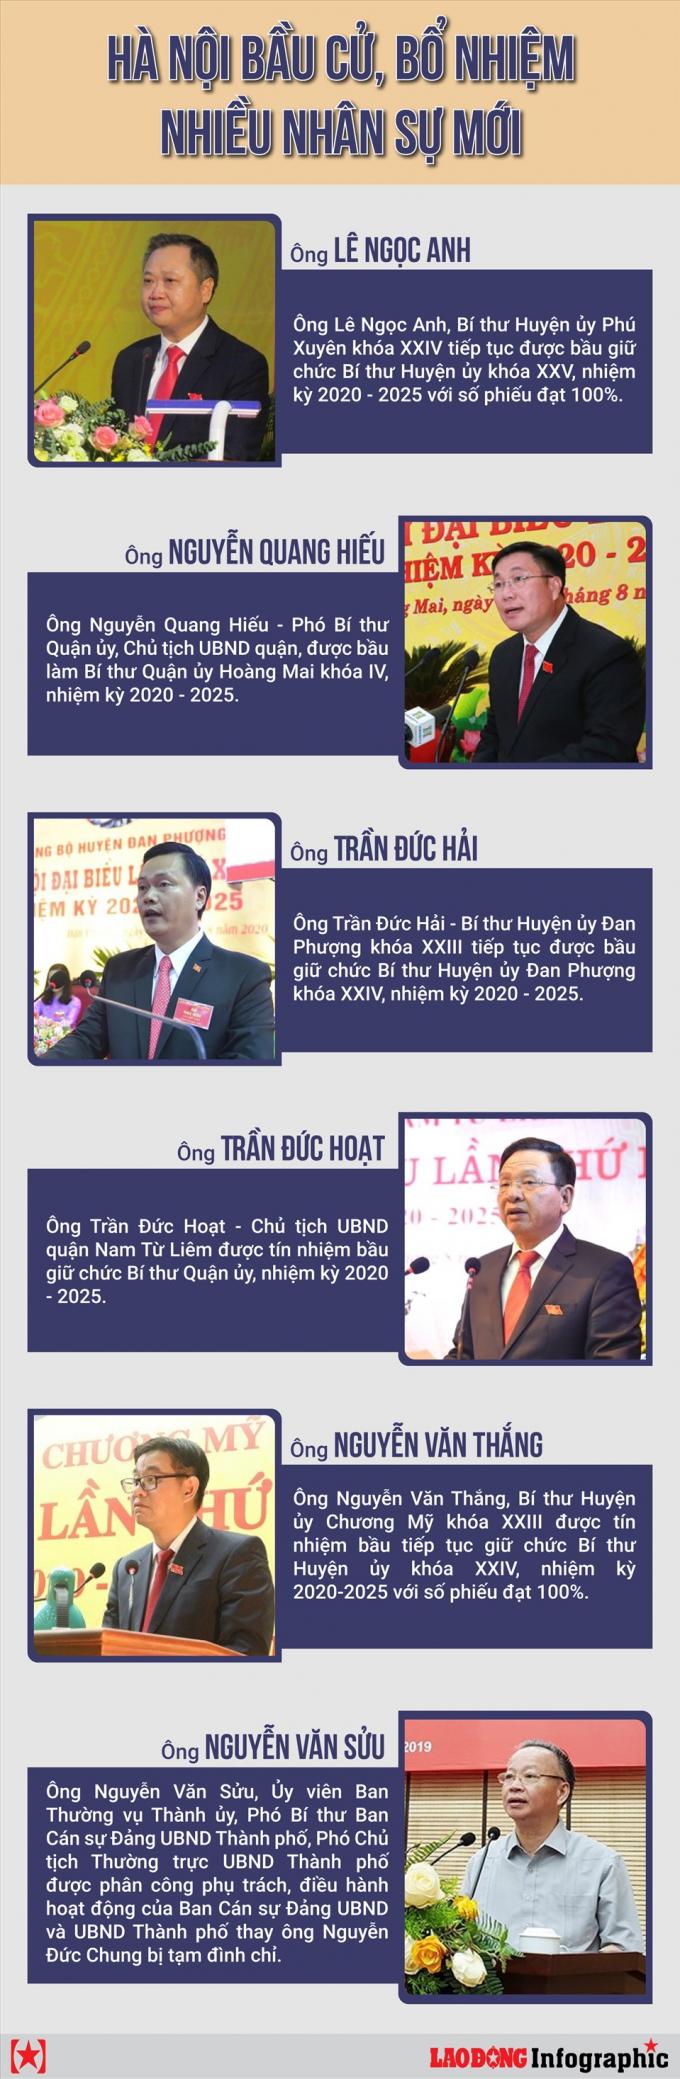 Nhân sự Hà Nội tuần qua có gì thay đổi?